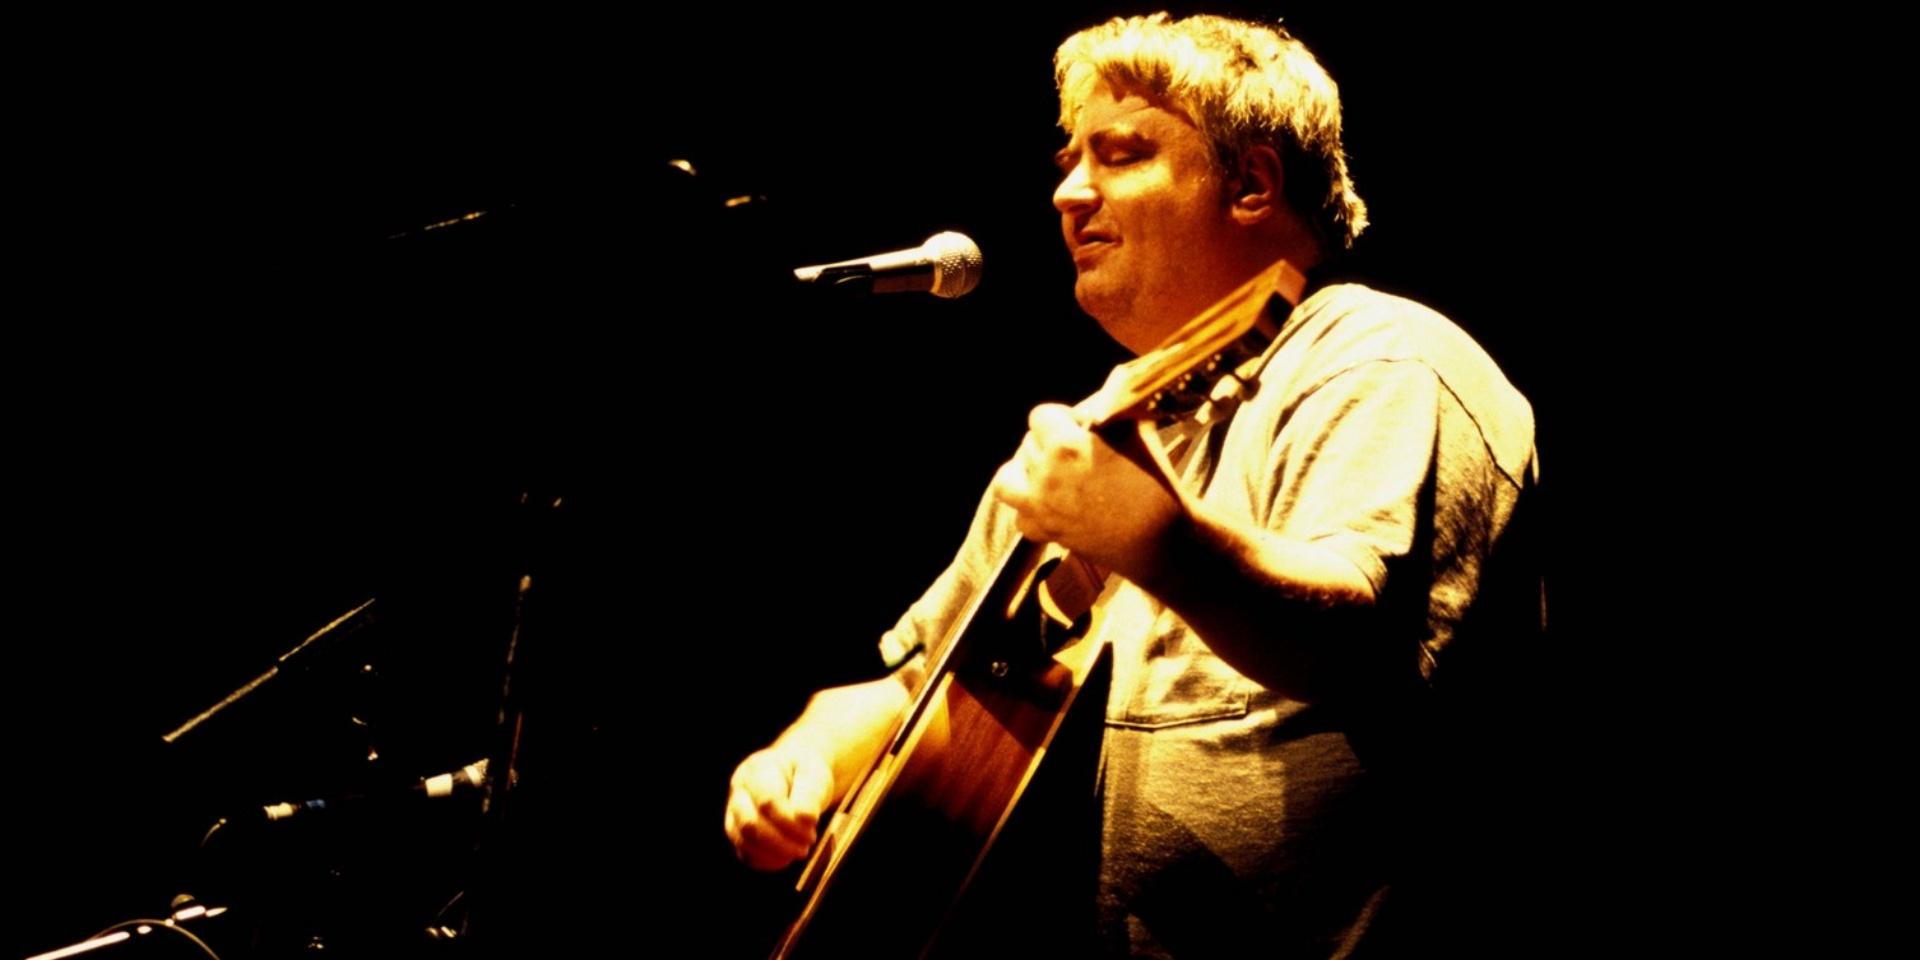 Legendary cult singer-songwriter Daniel Johnston dies of heart attack, aged 58